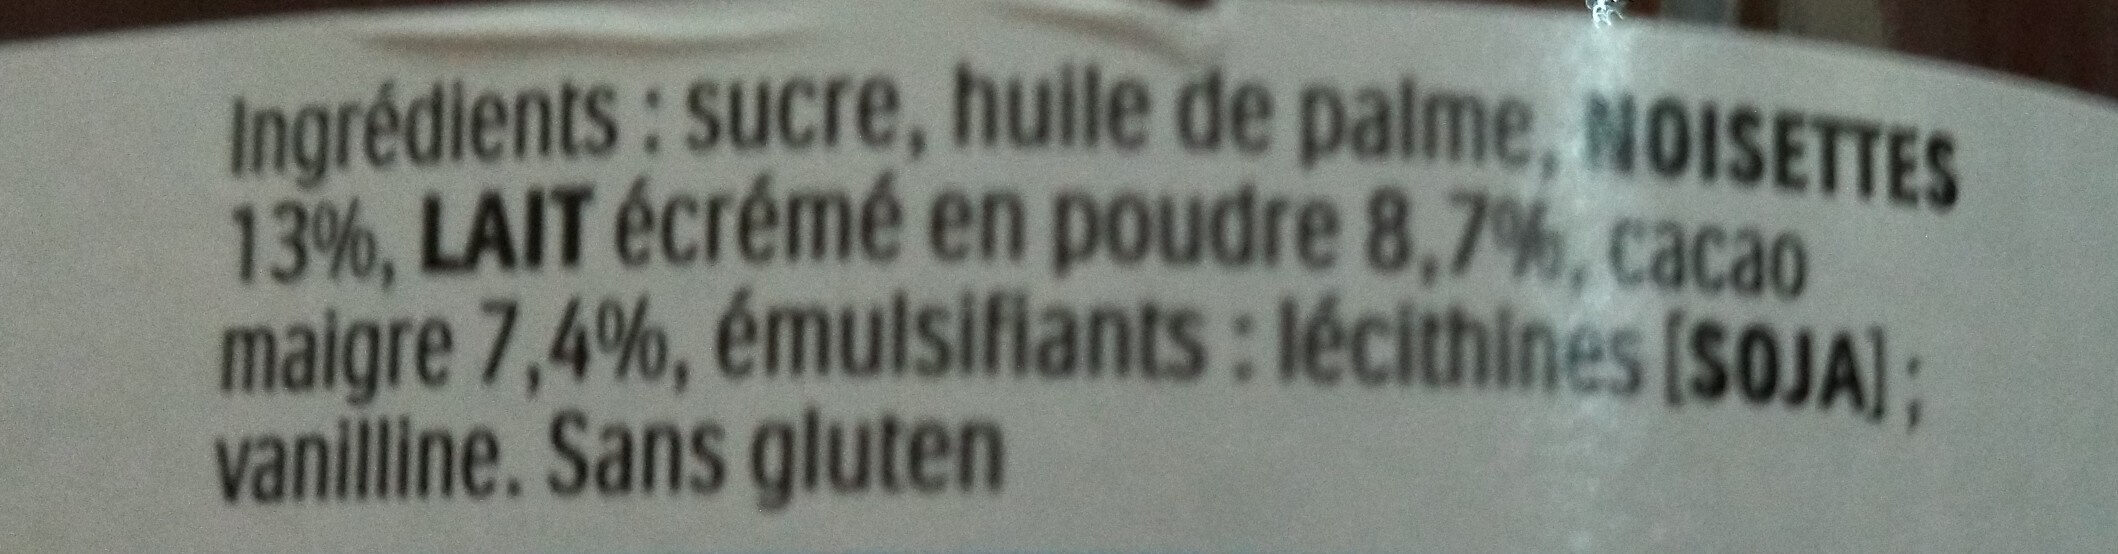 Nutella - Ingredients - fr